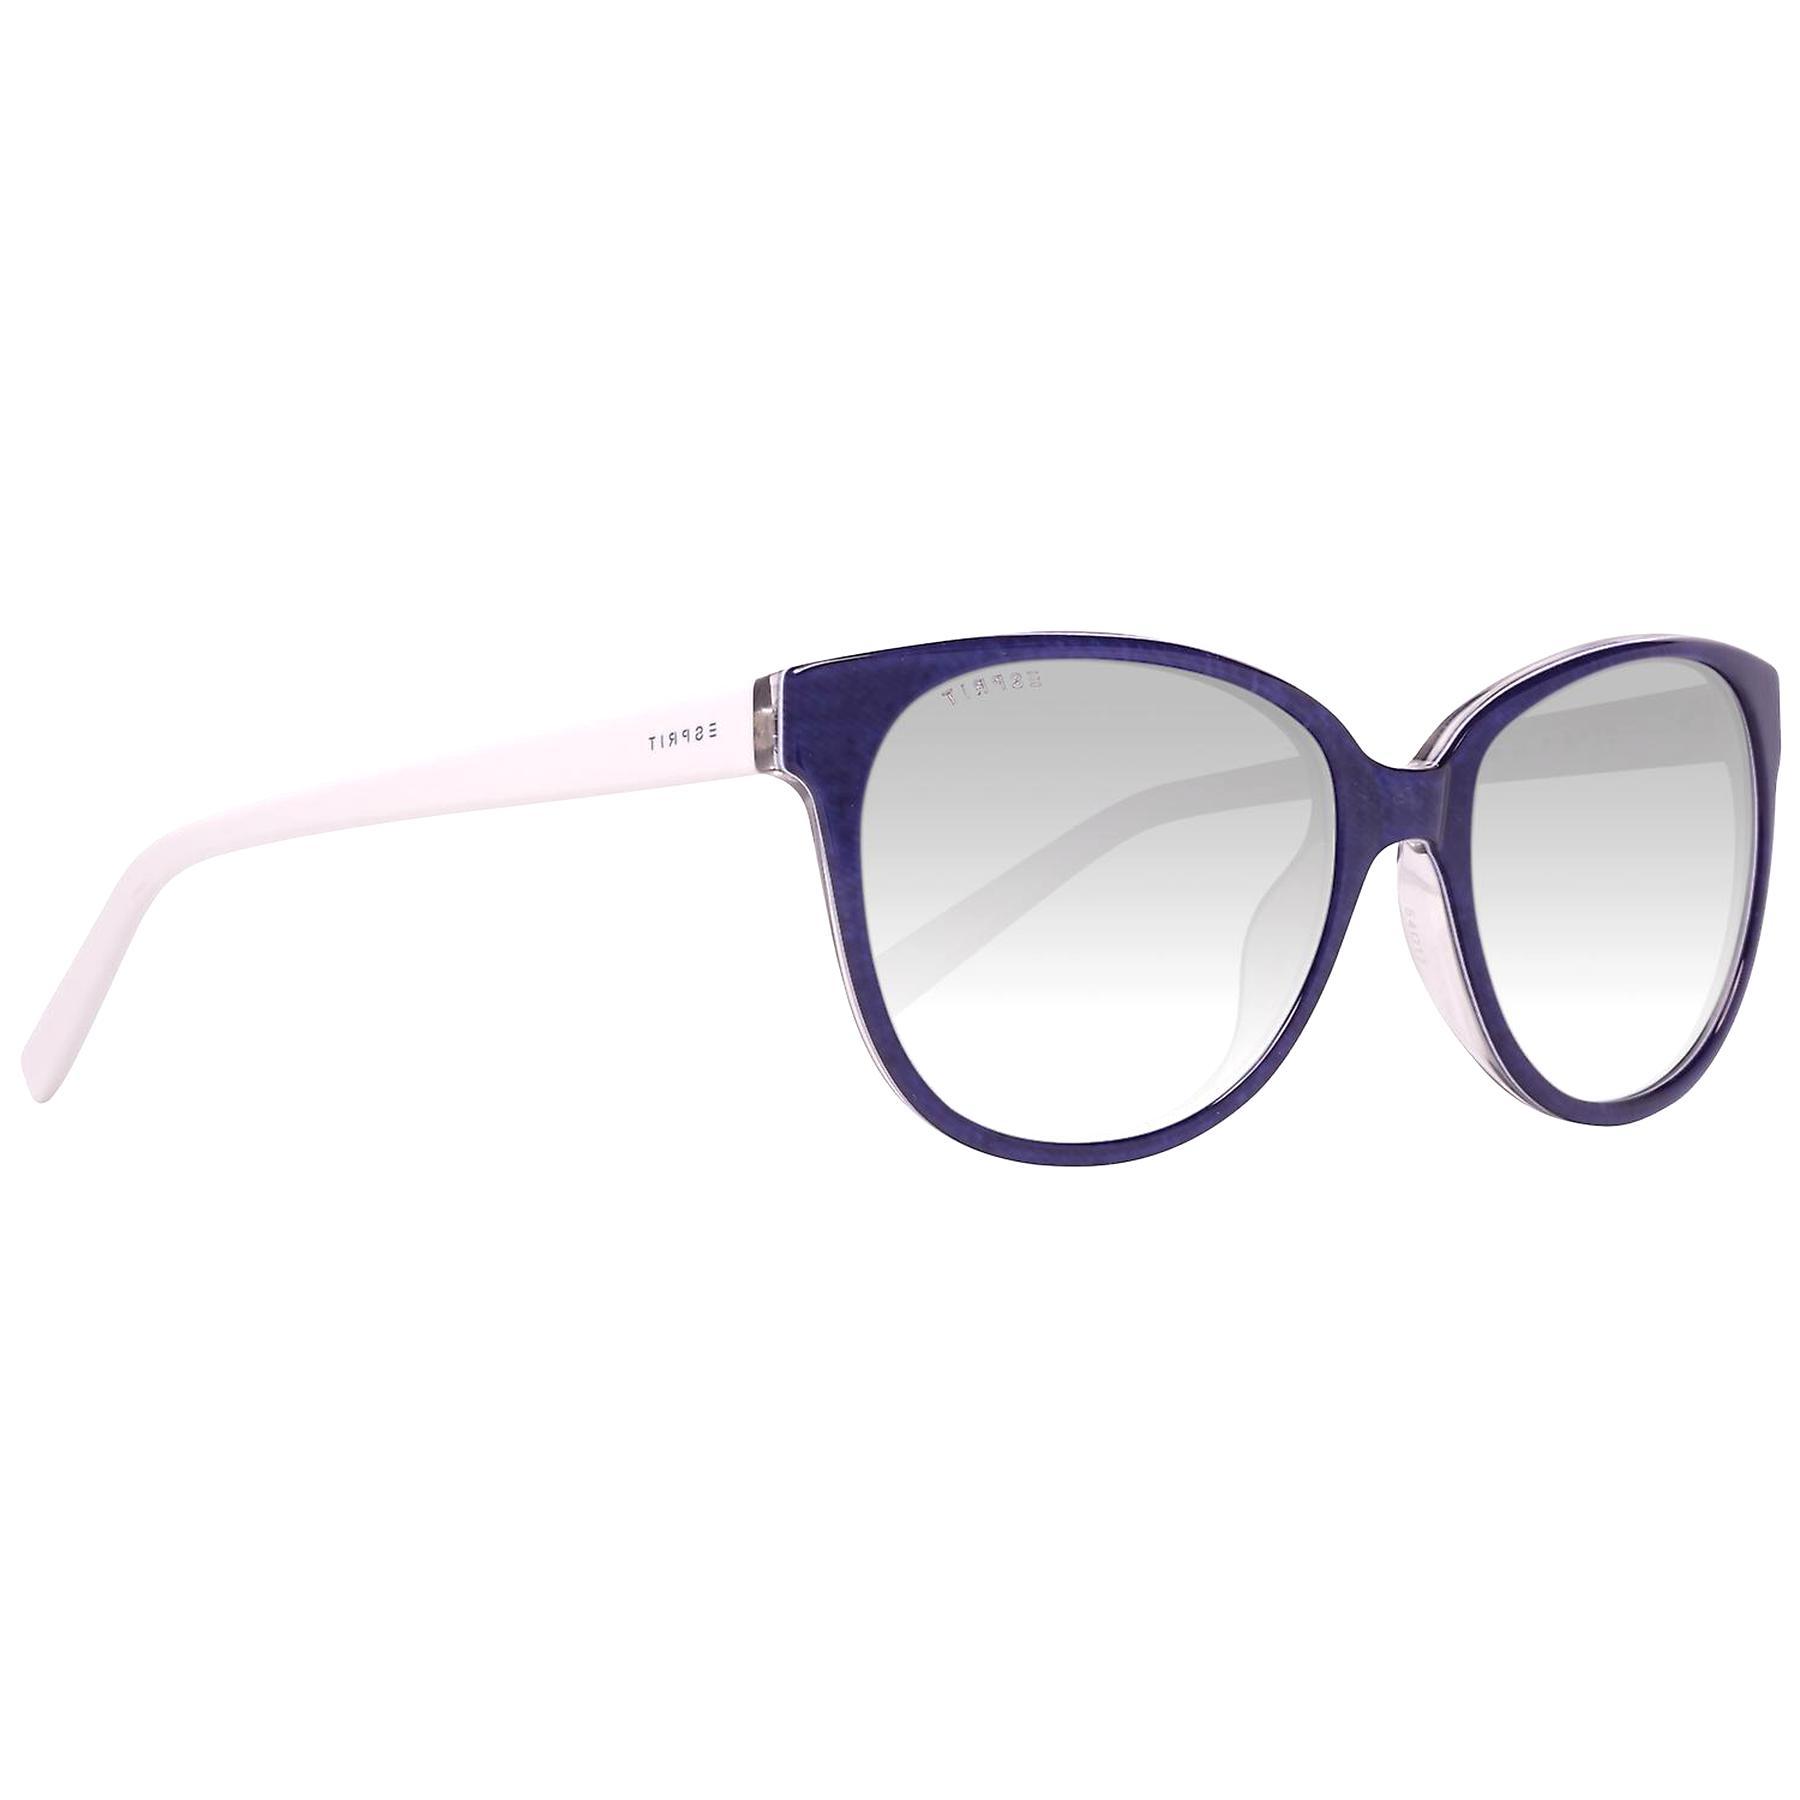 esprit sonnenbrille gebraucht kaufen